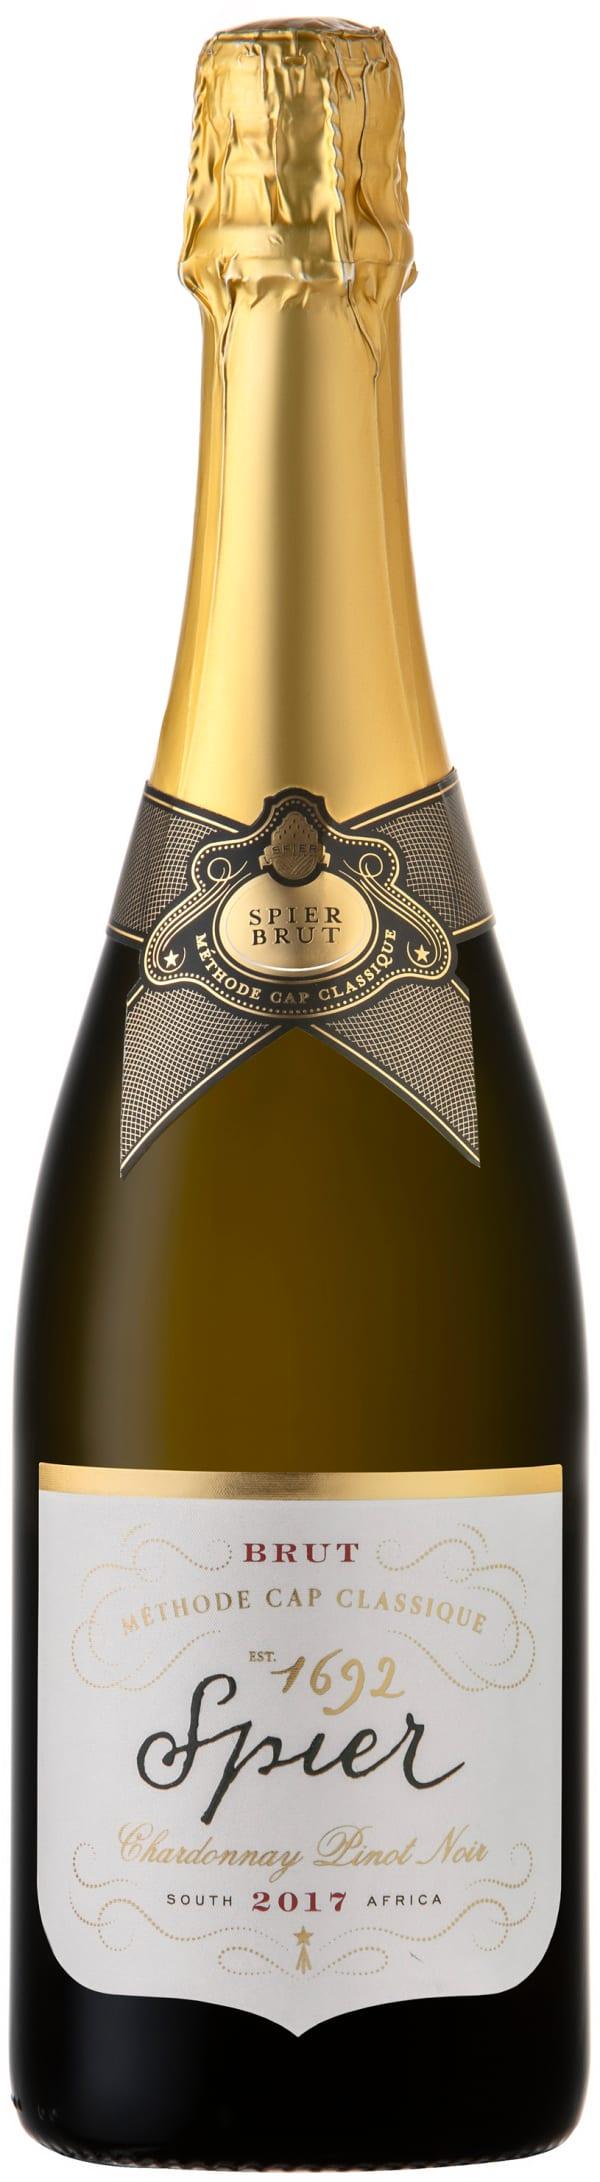 Spier Methode Cap Classique Chardonnay Pinot Noir Brut 2017